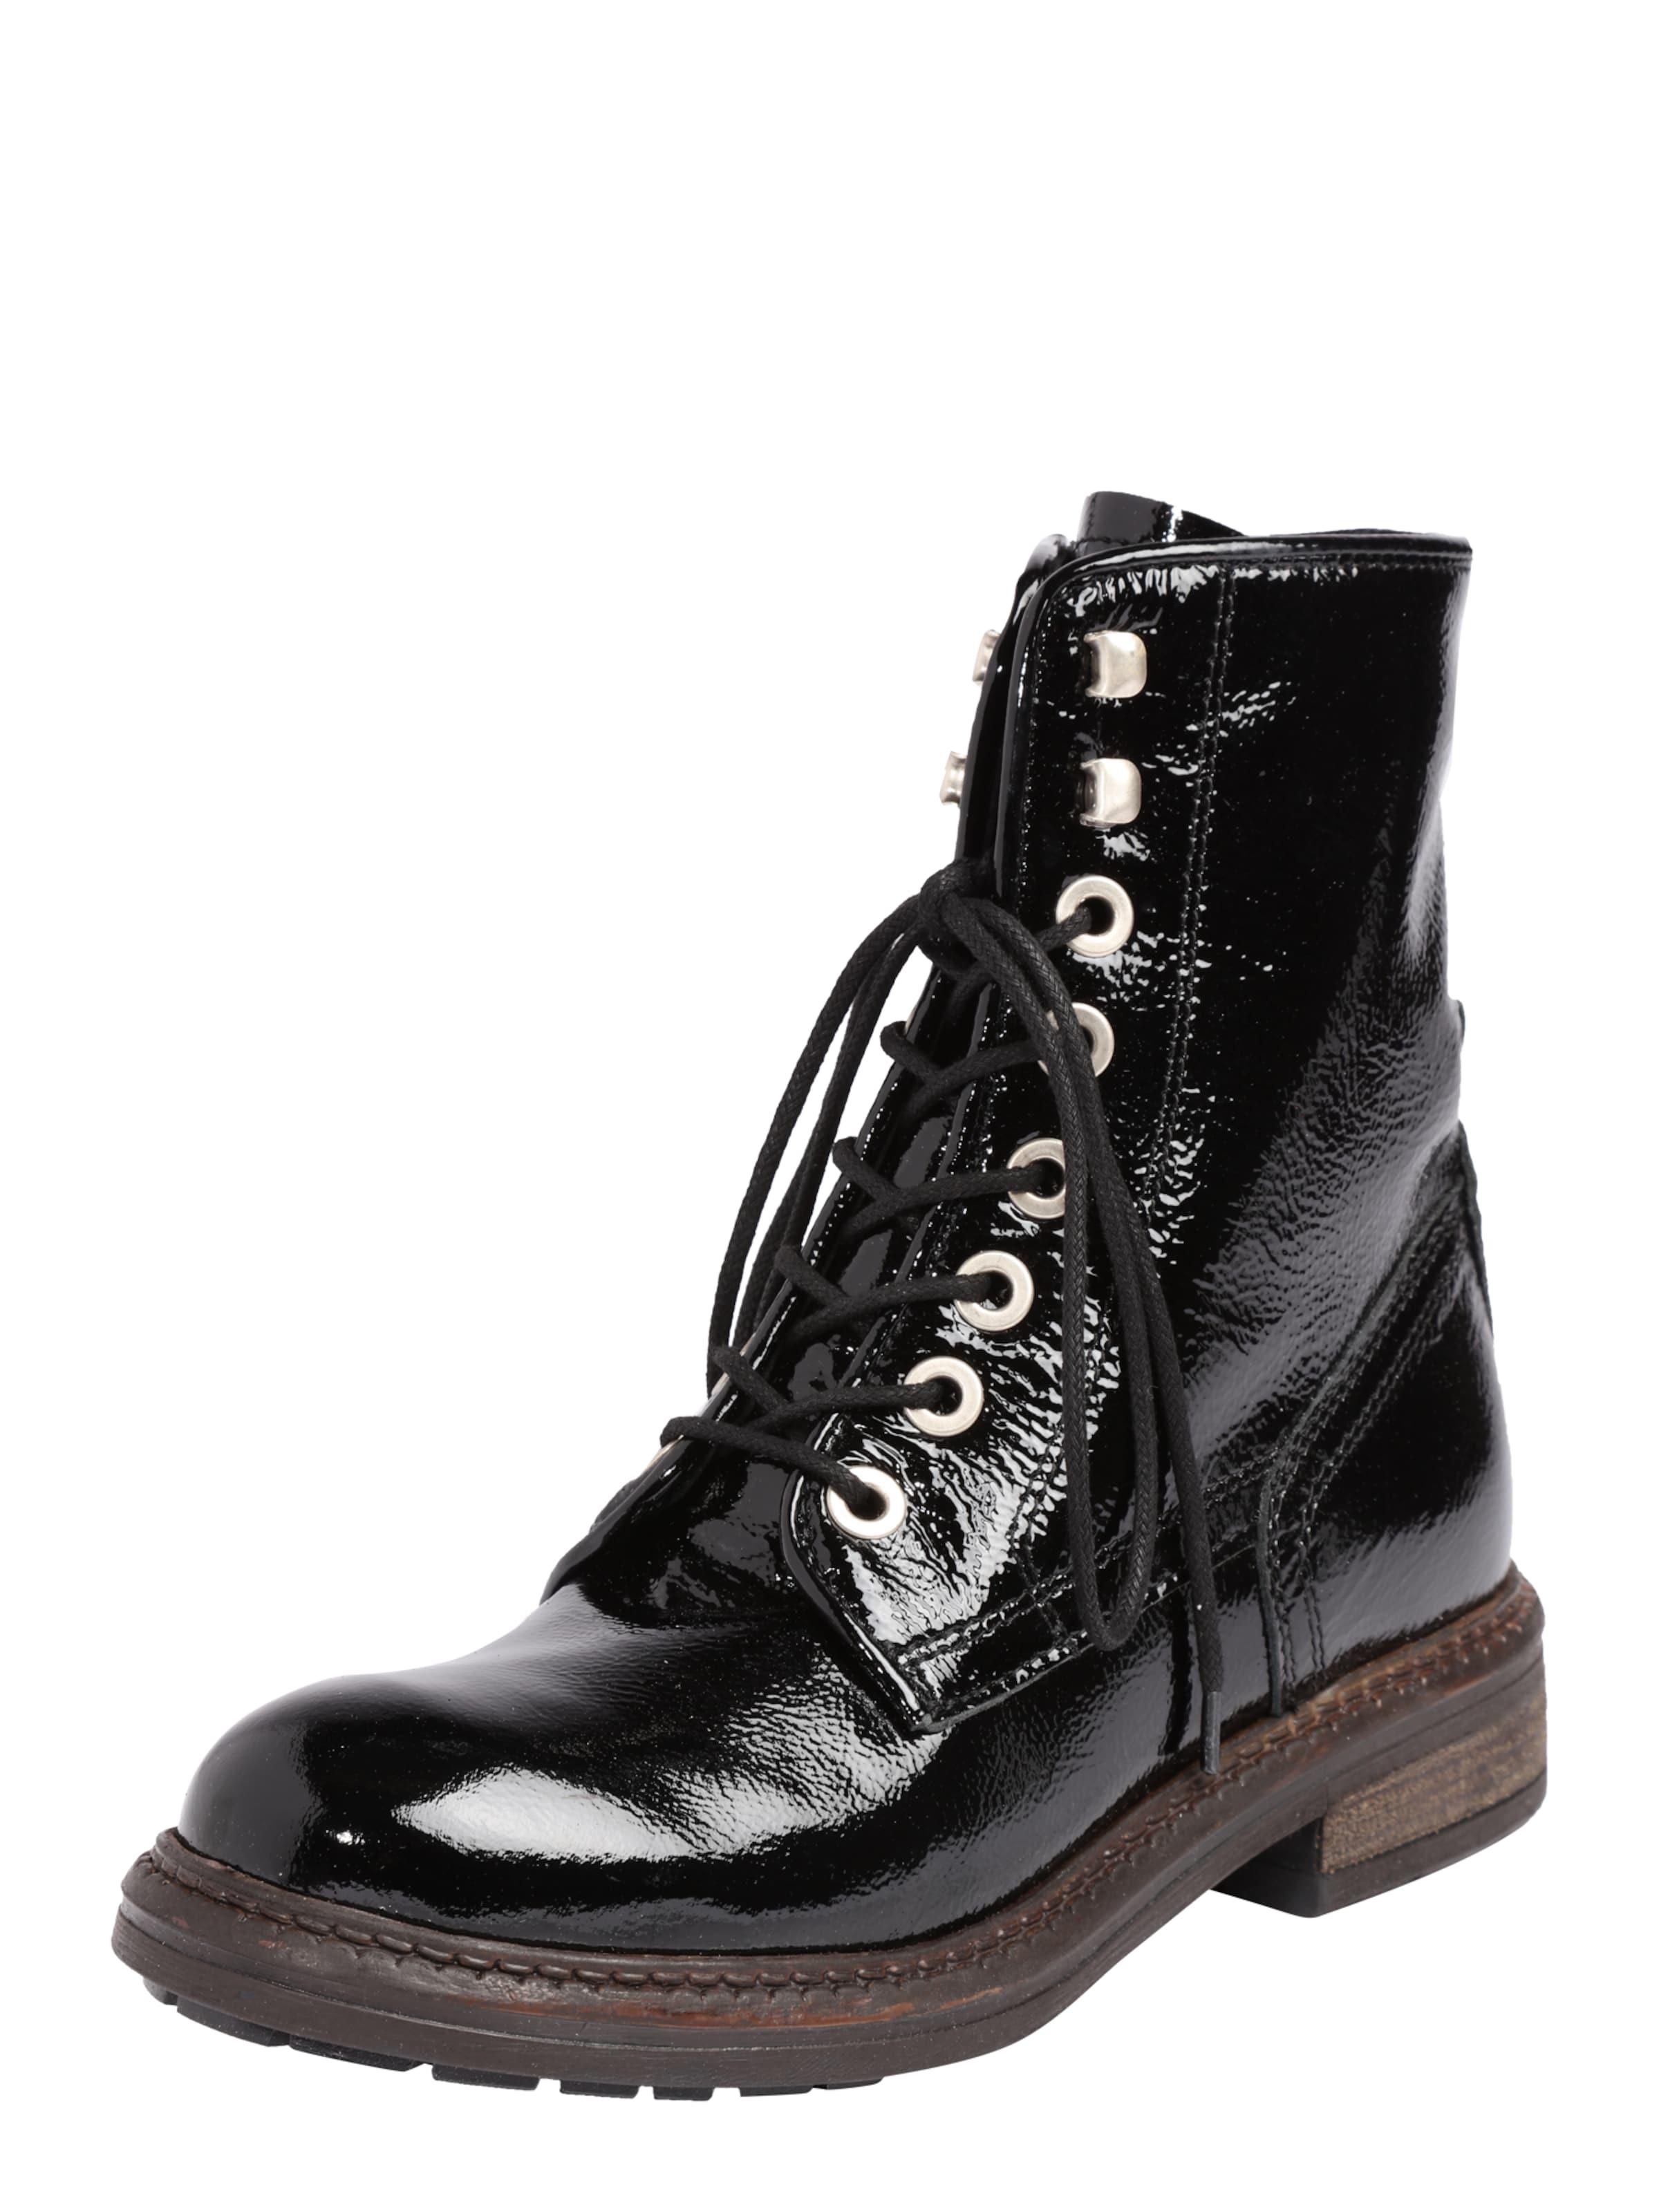 Haltbare Mode billige Schuhe Schnürstiefelette 'ALEXA' Schuhe Gut getragene Schuhe